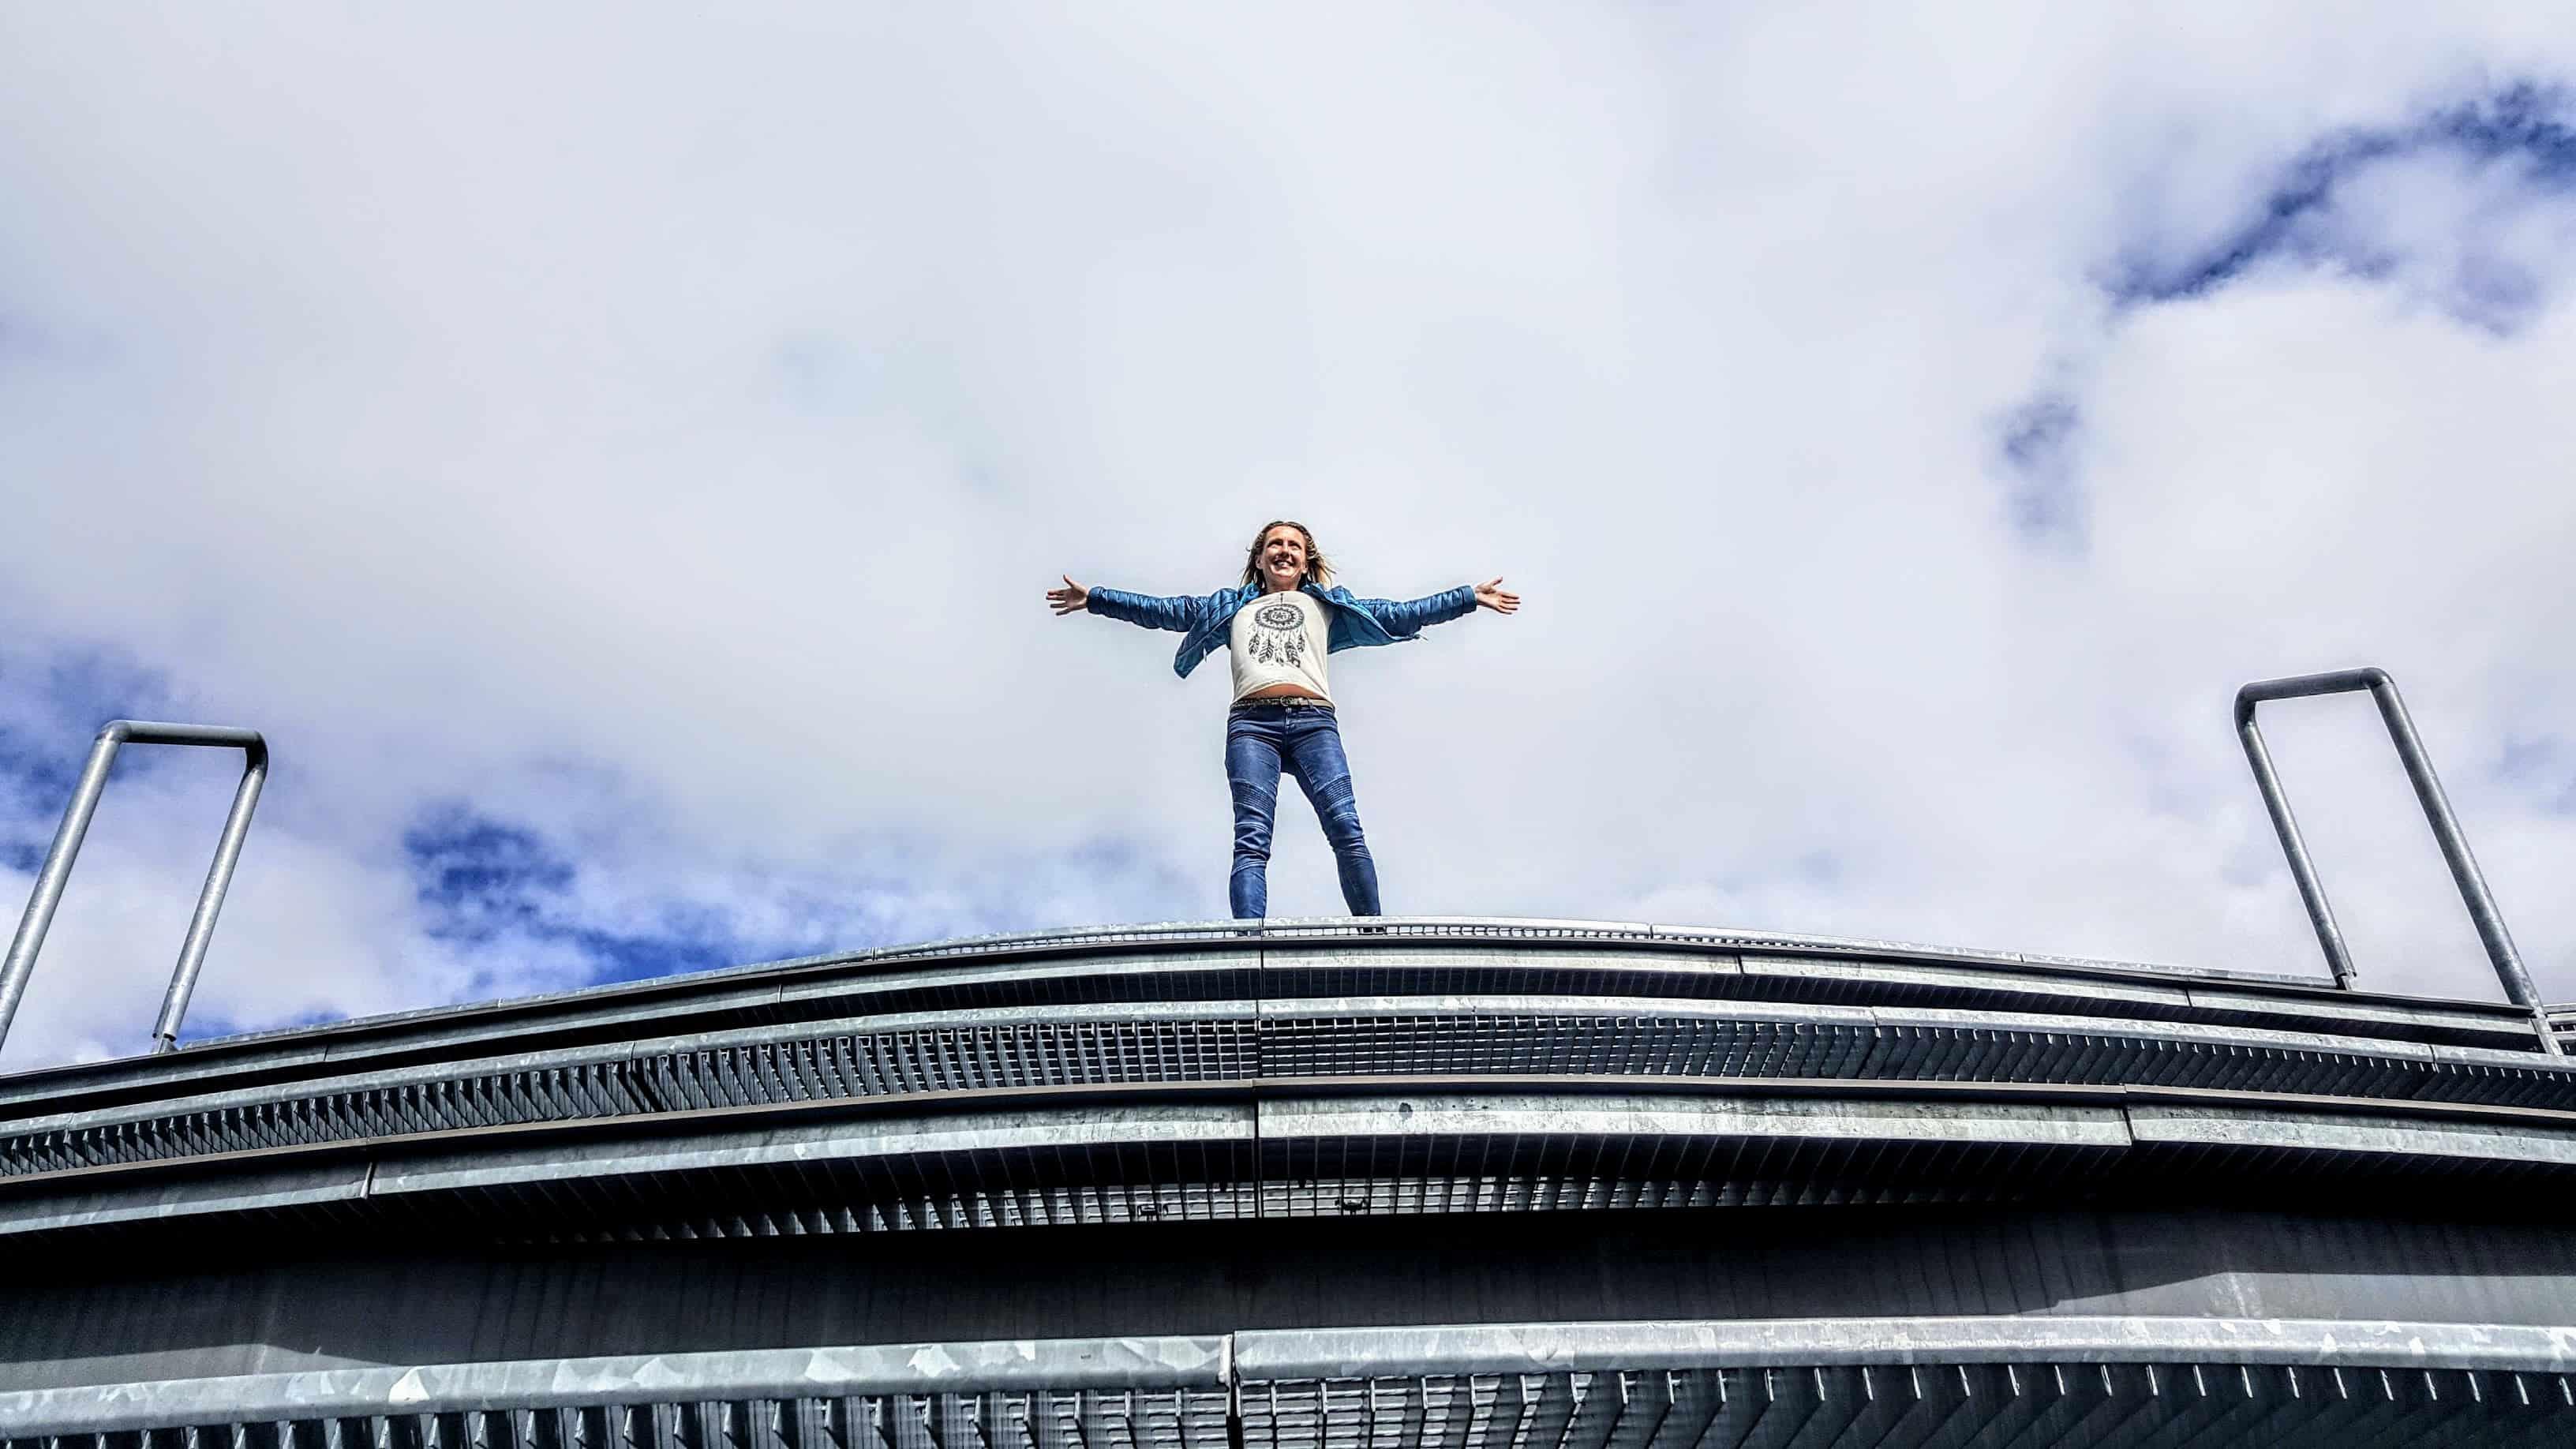 Besucherin auf Aussichtsplattform Airwalk auf Kölnbreinsperre im Maltatal